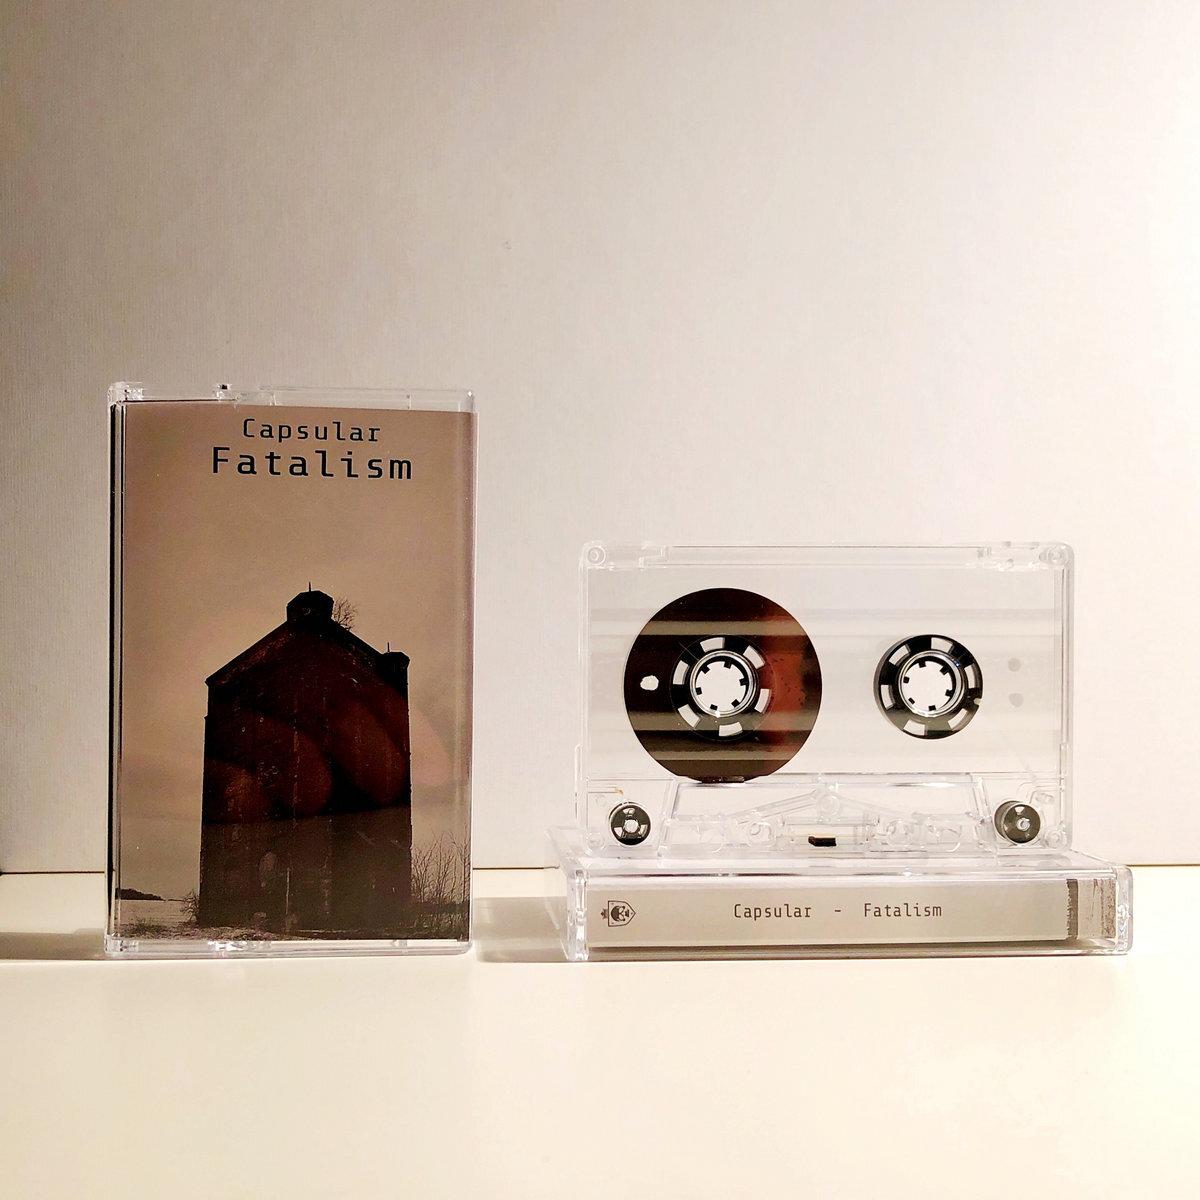 Capsular - Fatalism. Tape - 画像2